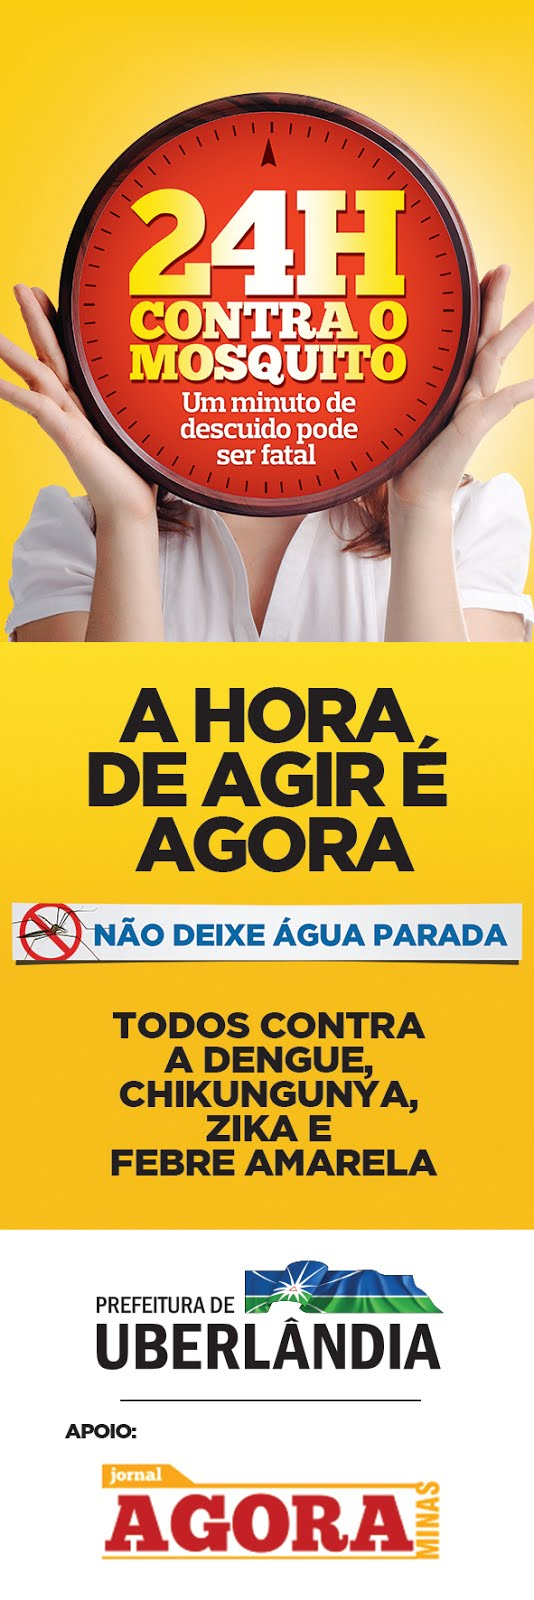 AGORA É HORA DE AGIR-VAMOS ACABAR COM A DENGUE